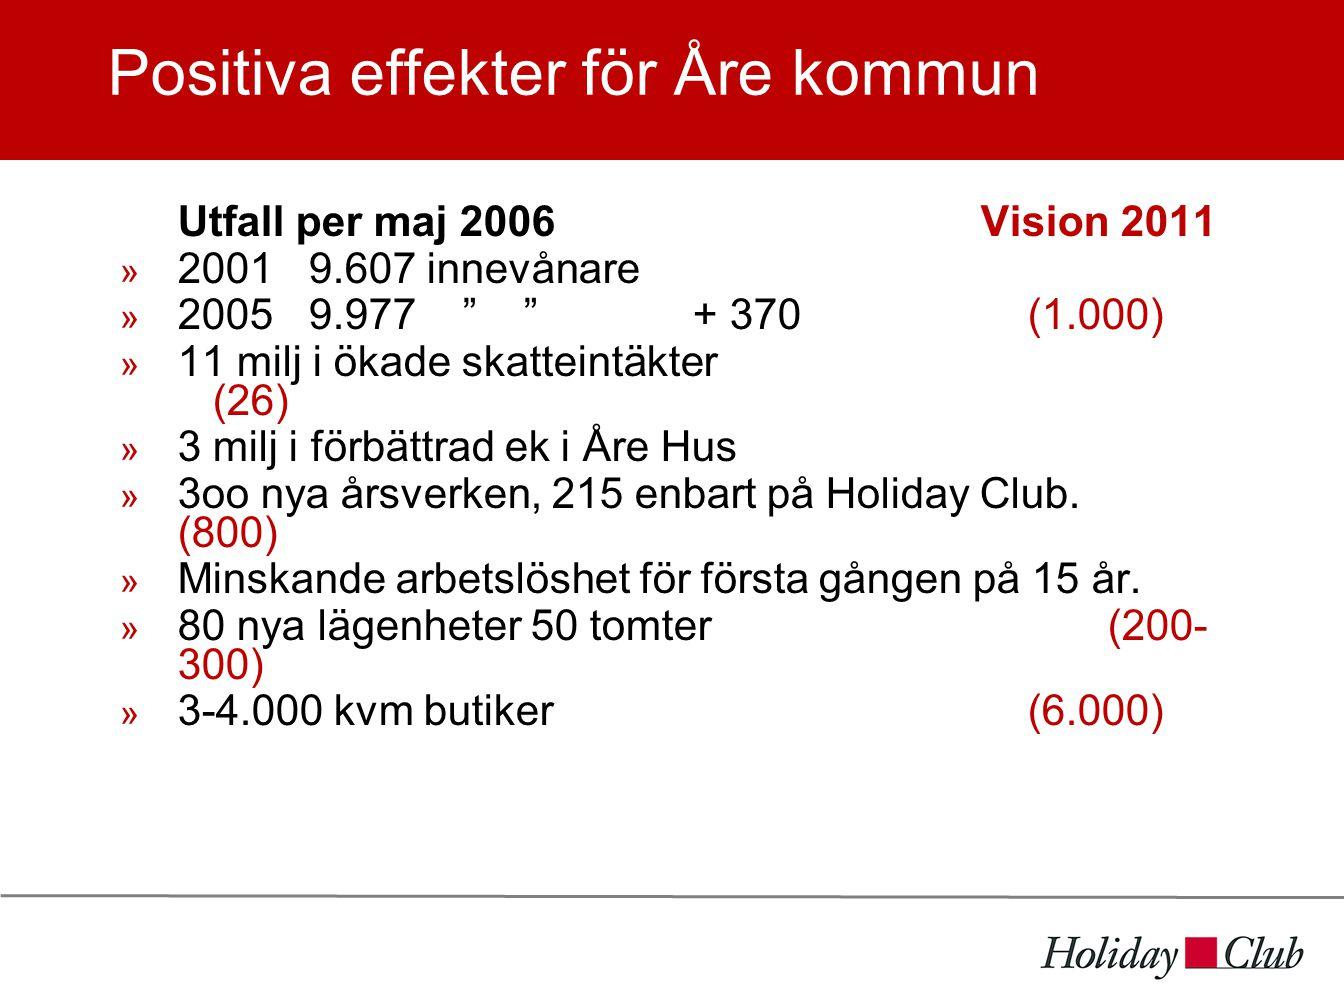 Positiva effekter för Åre kommun Utfall per maj 2006Vision 2011  2001 9.607 innevånare  20059.977 + 370 (1.000)  11 milj i ökade skatteintäkter (26)  3 milj i förbättrad ek i Åre Hus  3oo nya årsverken, 215 enbart på Holiday Club.